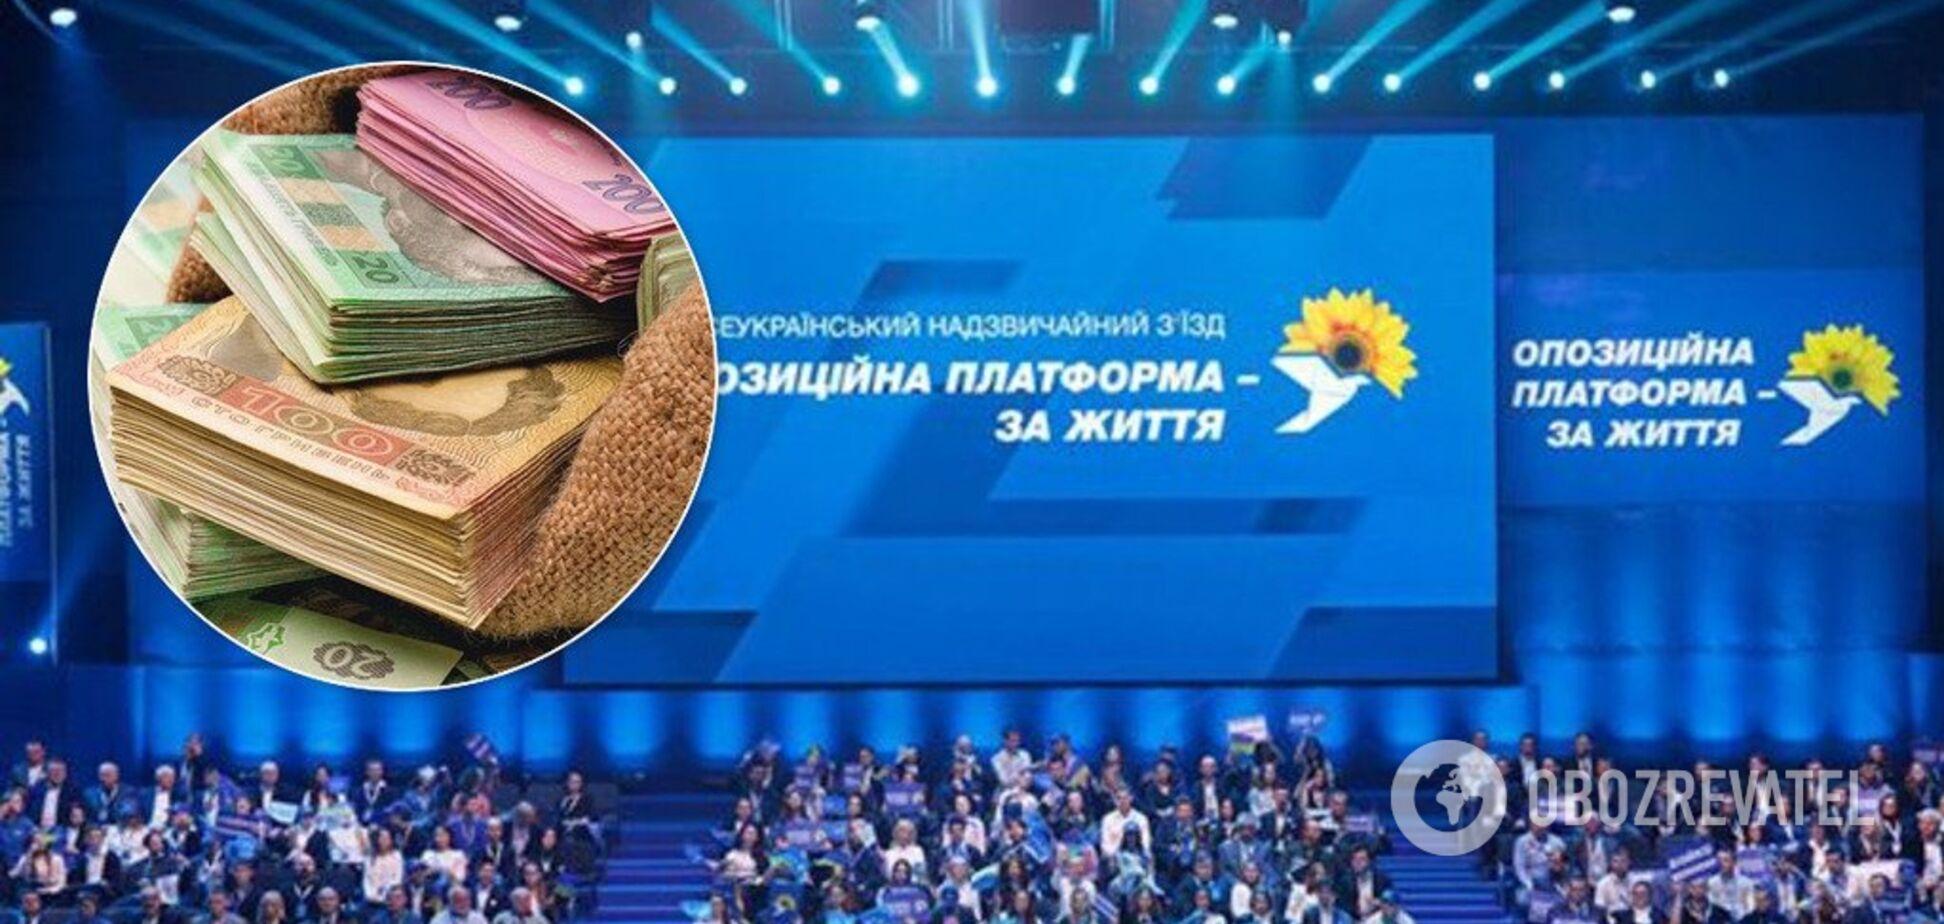 Мільйони з окупованого Донецька та від криміналу: стали відомі спонсори ОПЗЖ